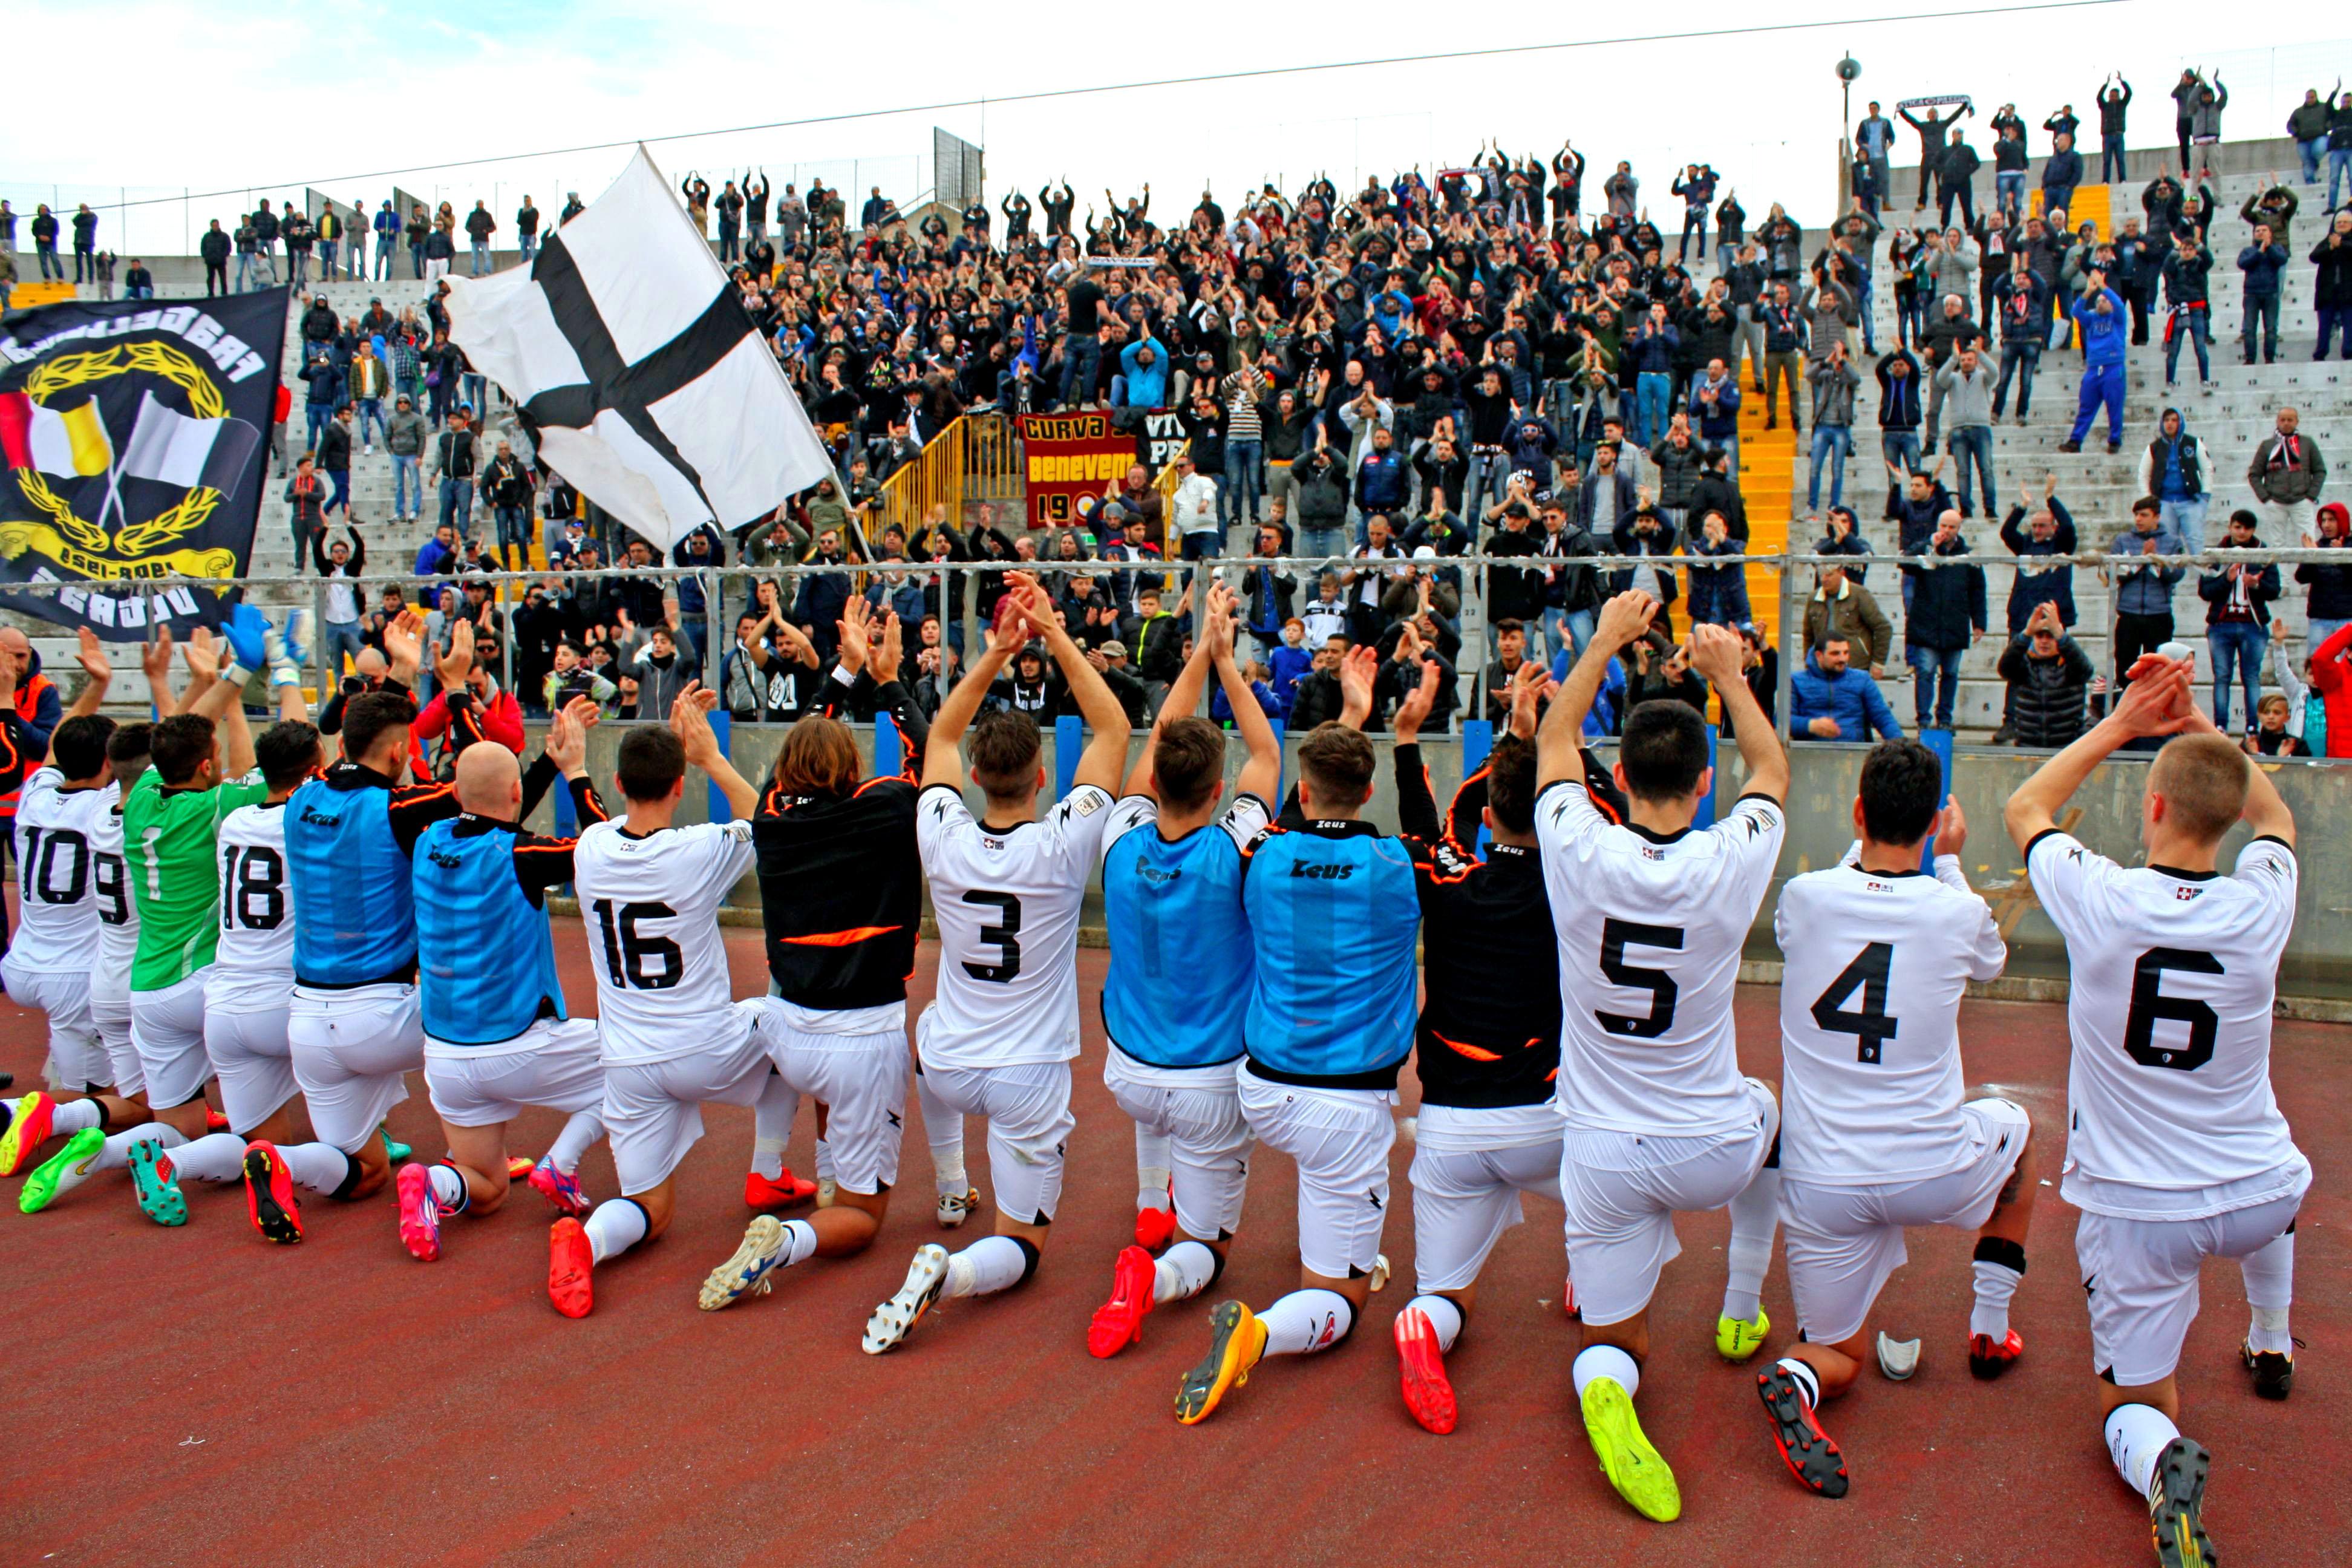 I giocatori del Savoia salutano il loro pubblico, che li sostiene nonostante l'emergenza